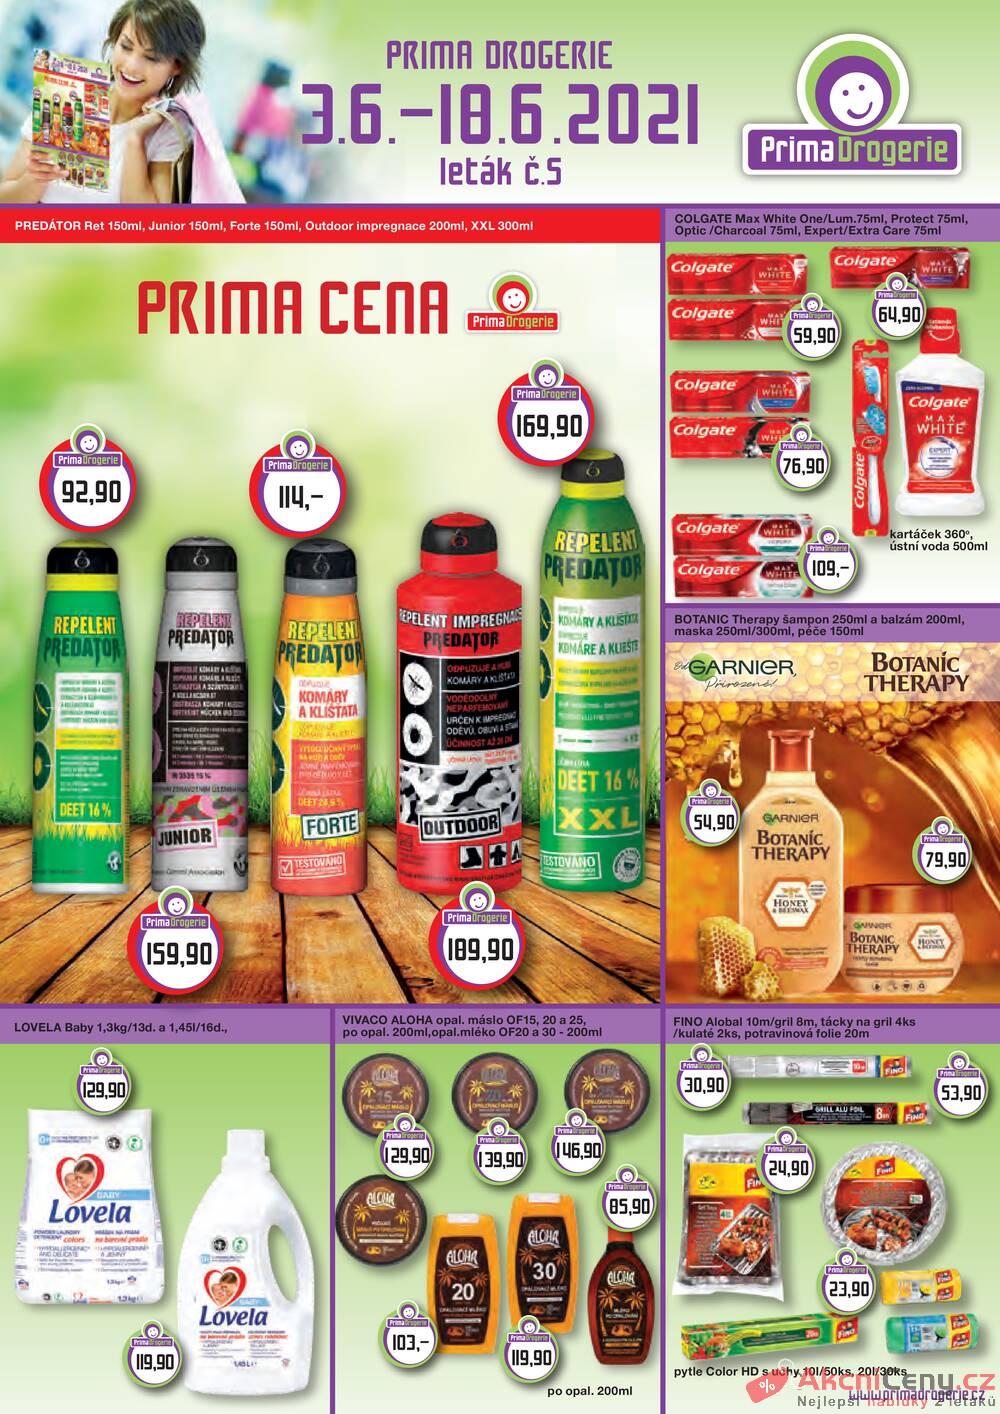 Leták Prima Drogerie - Prima drogerie  od 3.6. do 18.6.2021 - strana 1